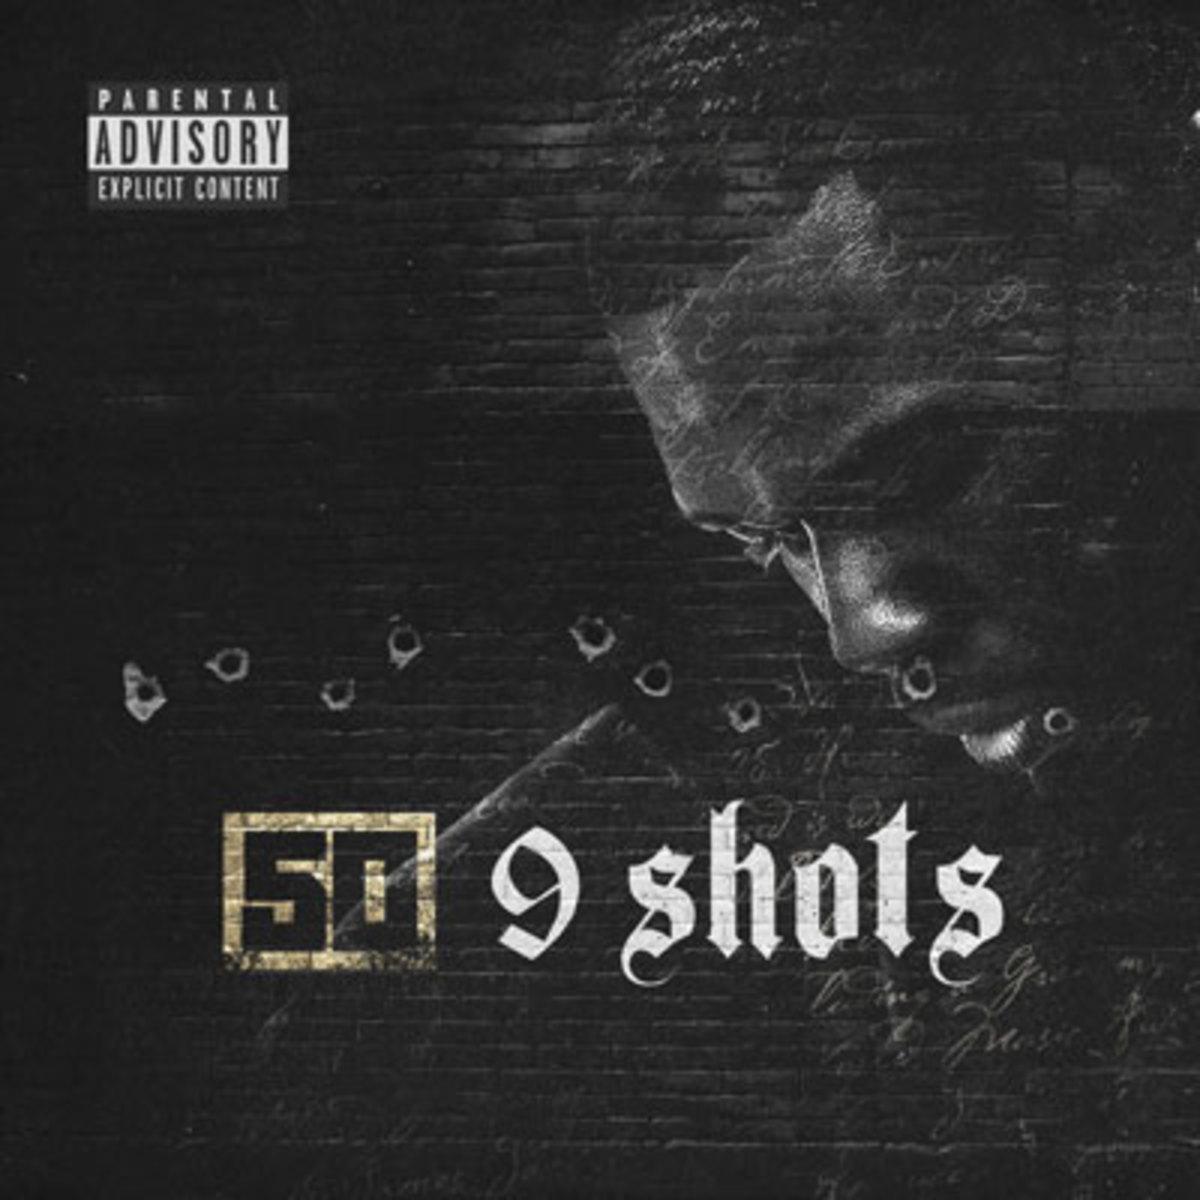 50-cent-9-shots.jpg